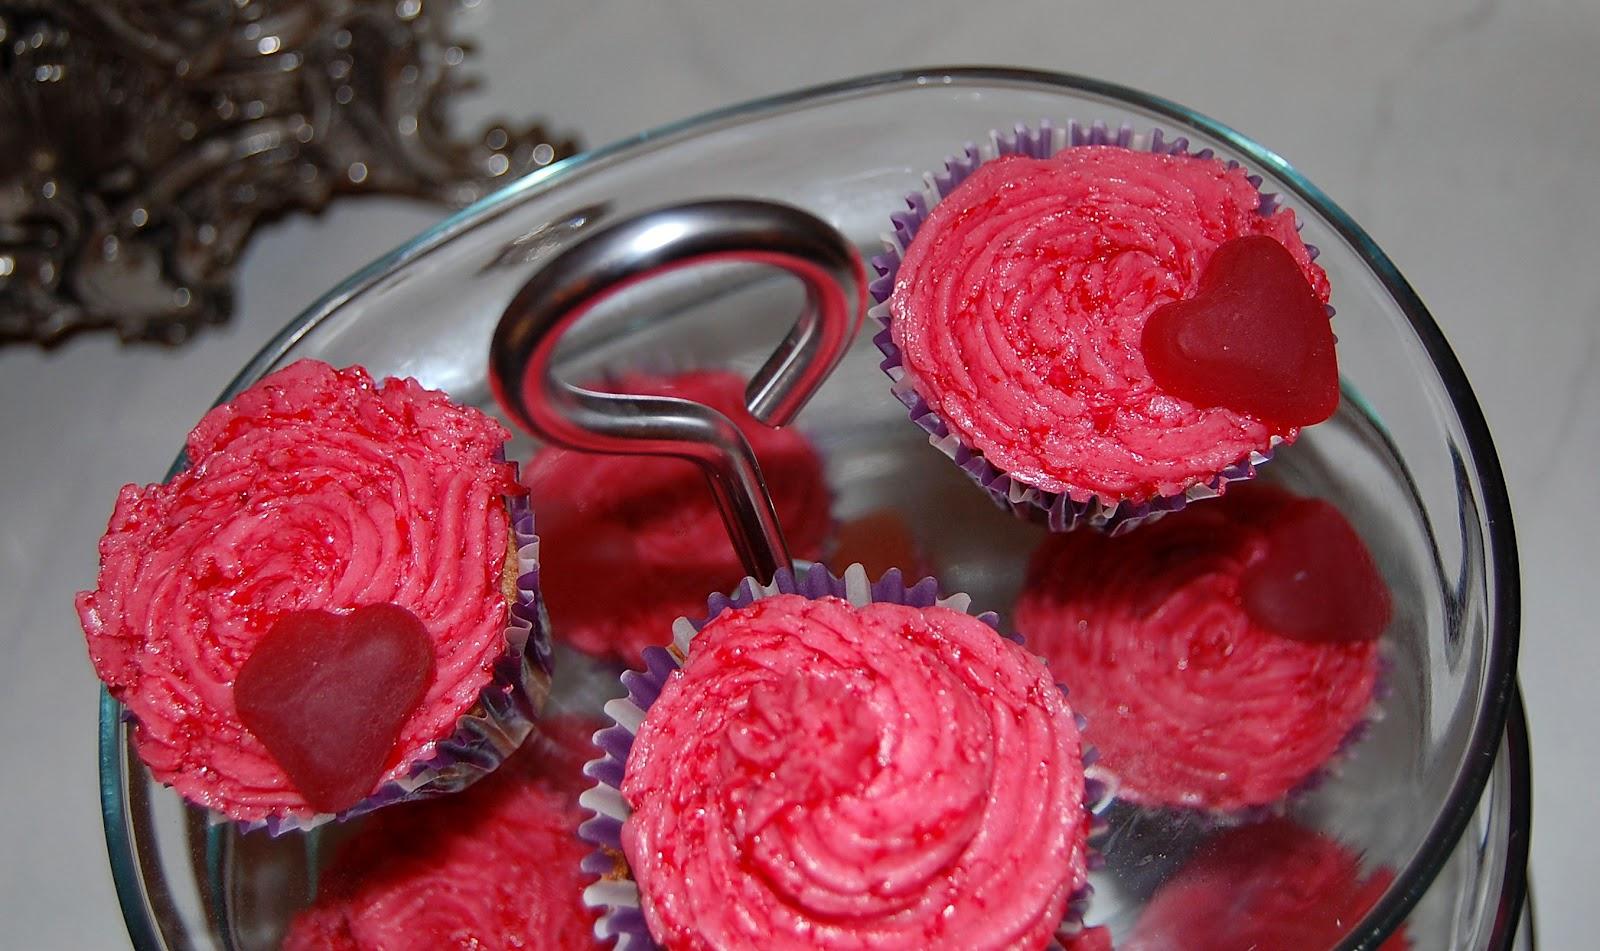 http://azucarenmicocina.blogspot.com.es/2012/05/cupcake-de-chocolate-con-buttercream-de_29.html